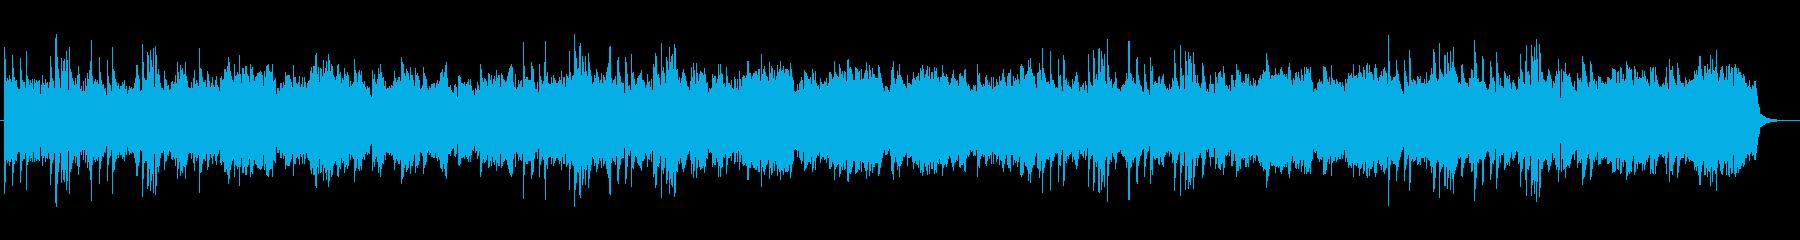 長閑でポップなBGMの再生済みの波形